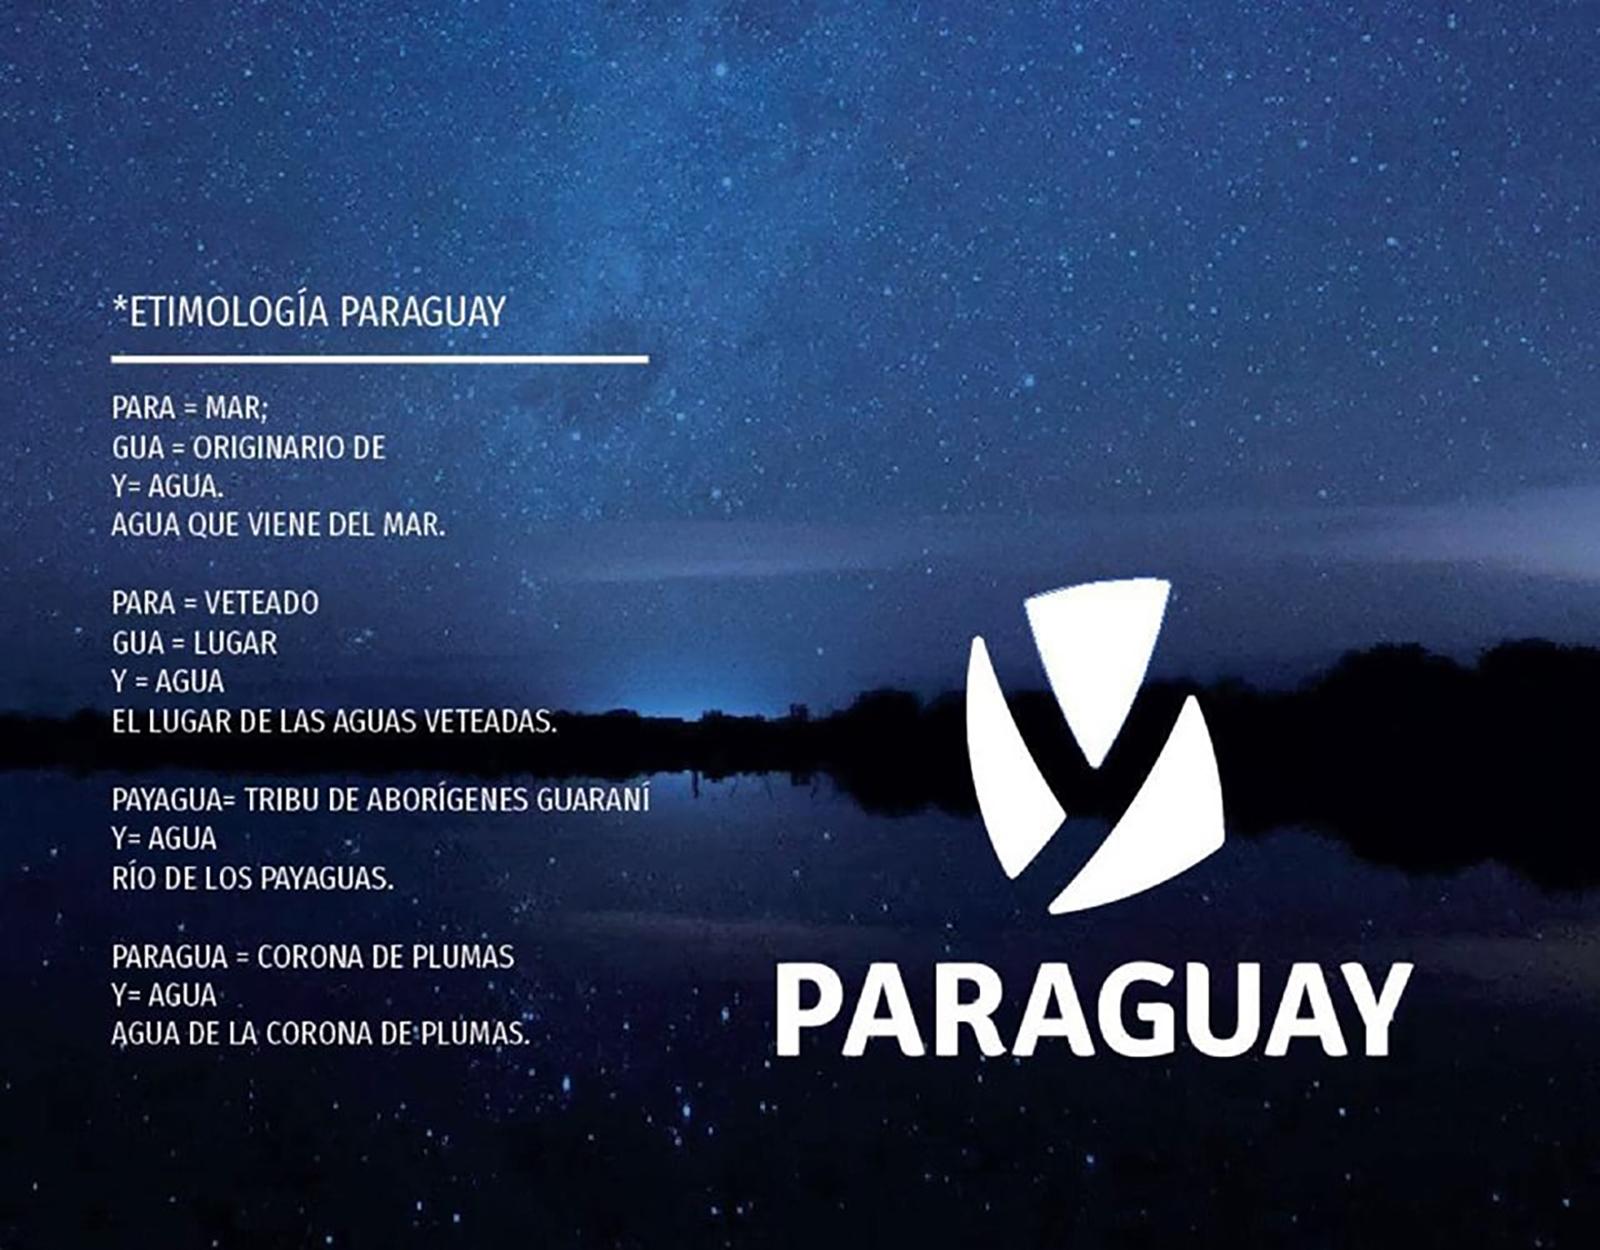 南美国家巴拉圭启用全新的国家形象并发布新的logo-深圳VI设计8